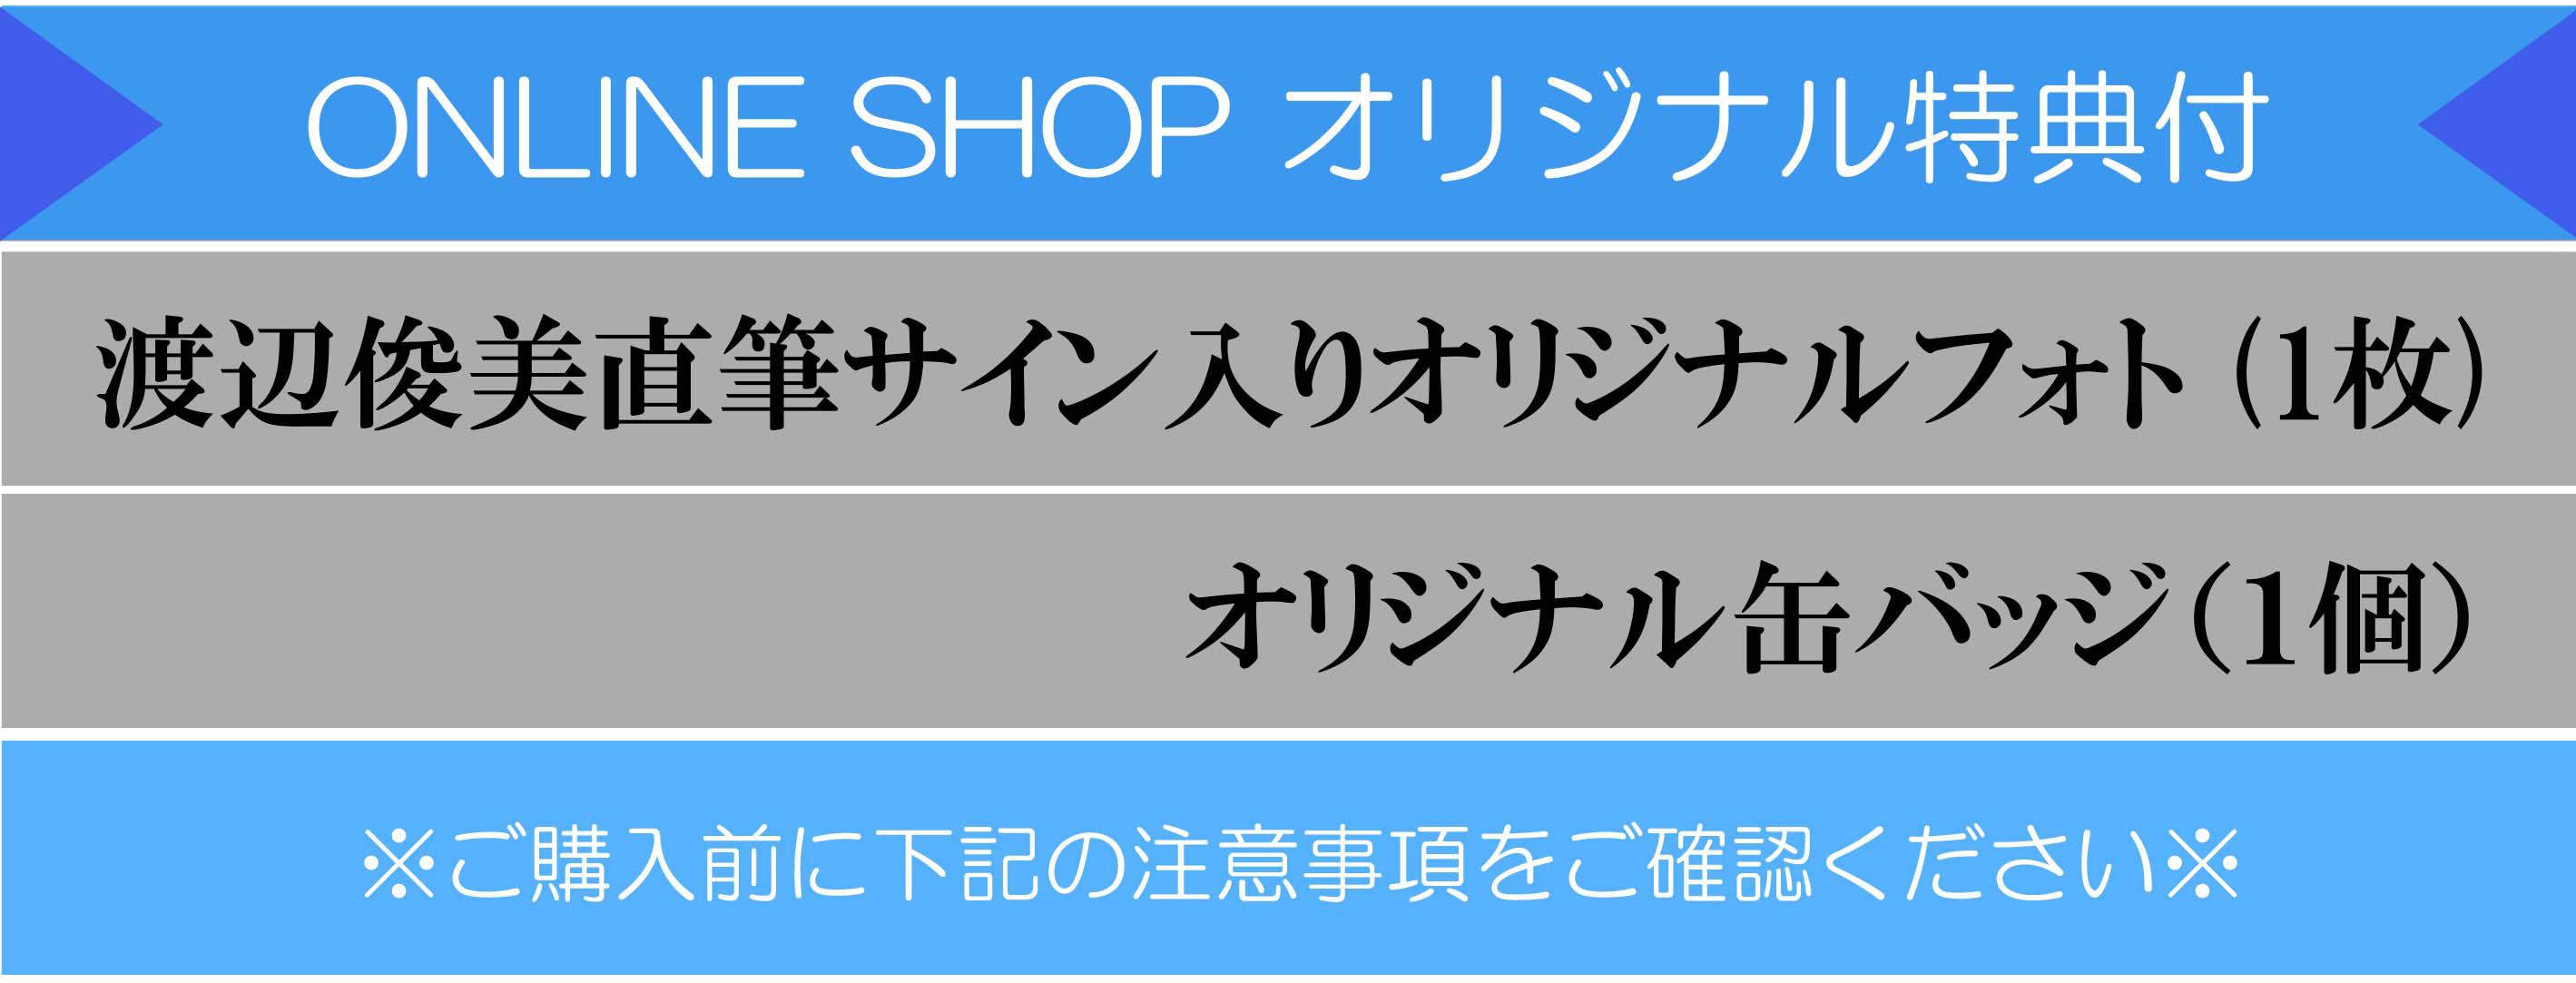 渡辺俊美 ONLINE SHOP限定特典